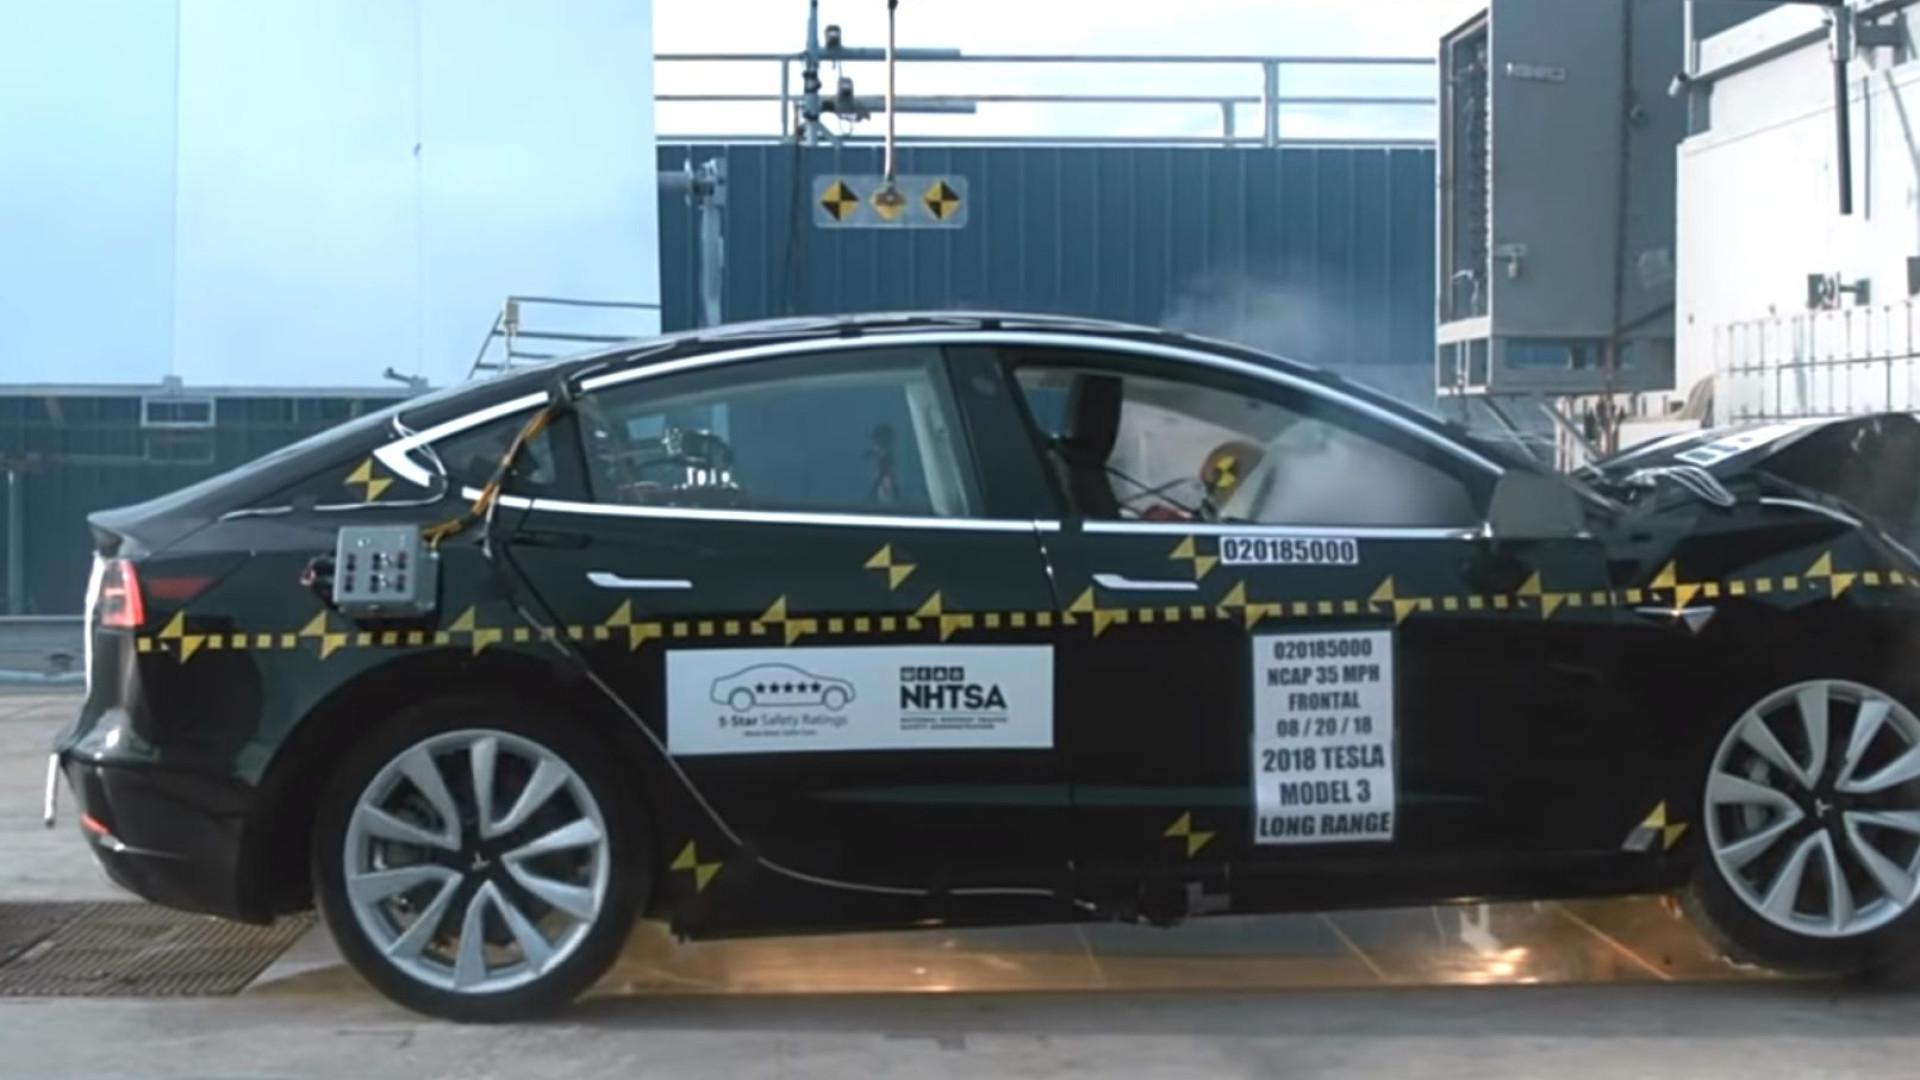 Vídeos mostram como Model 3 da Tesla o protege em caso de acidente